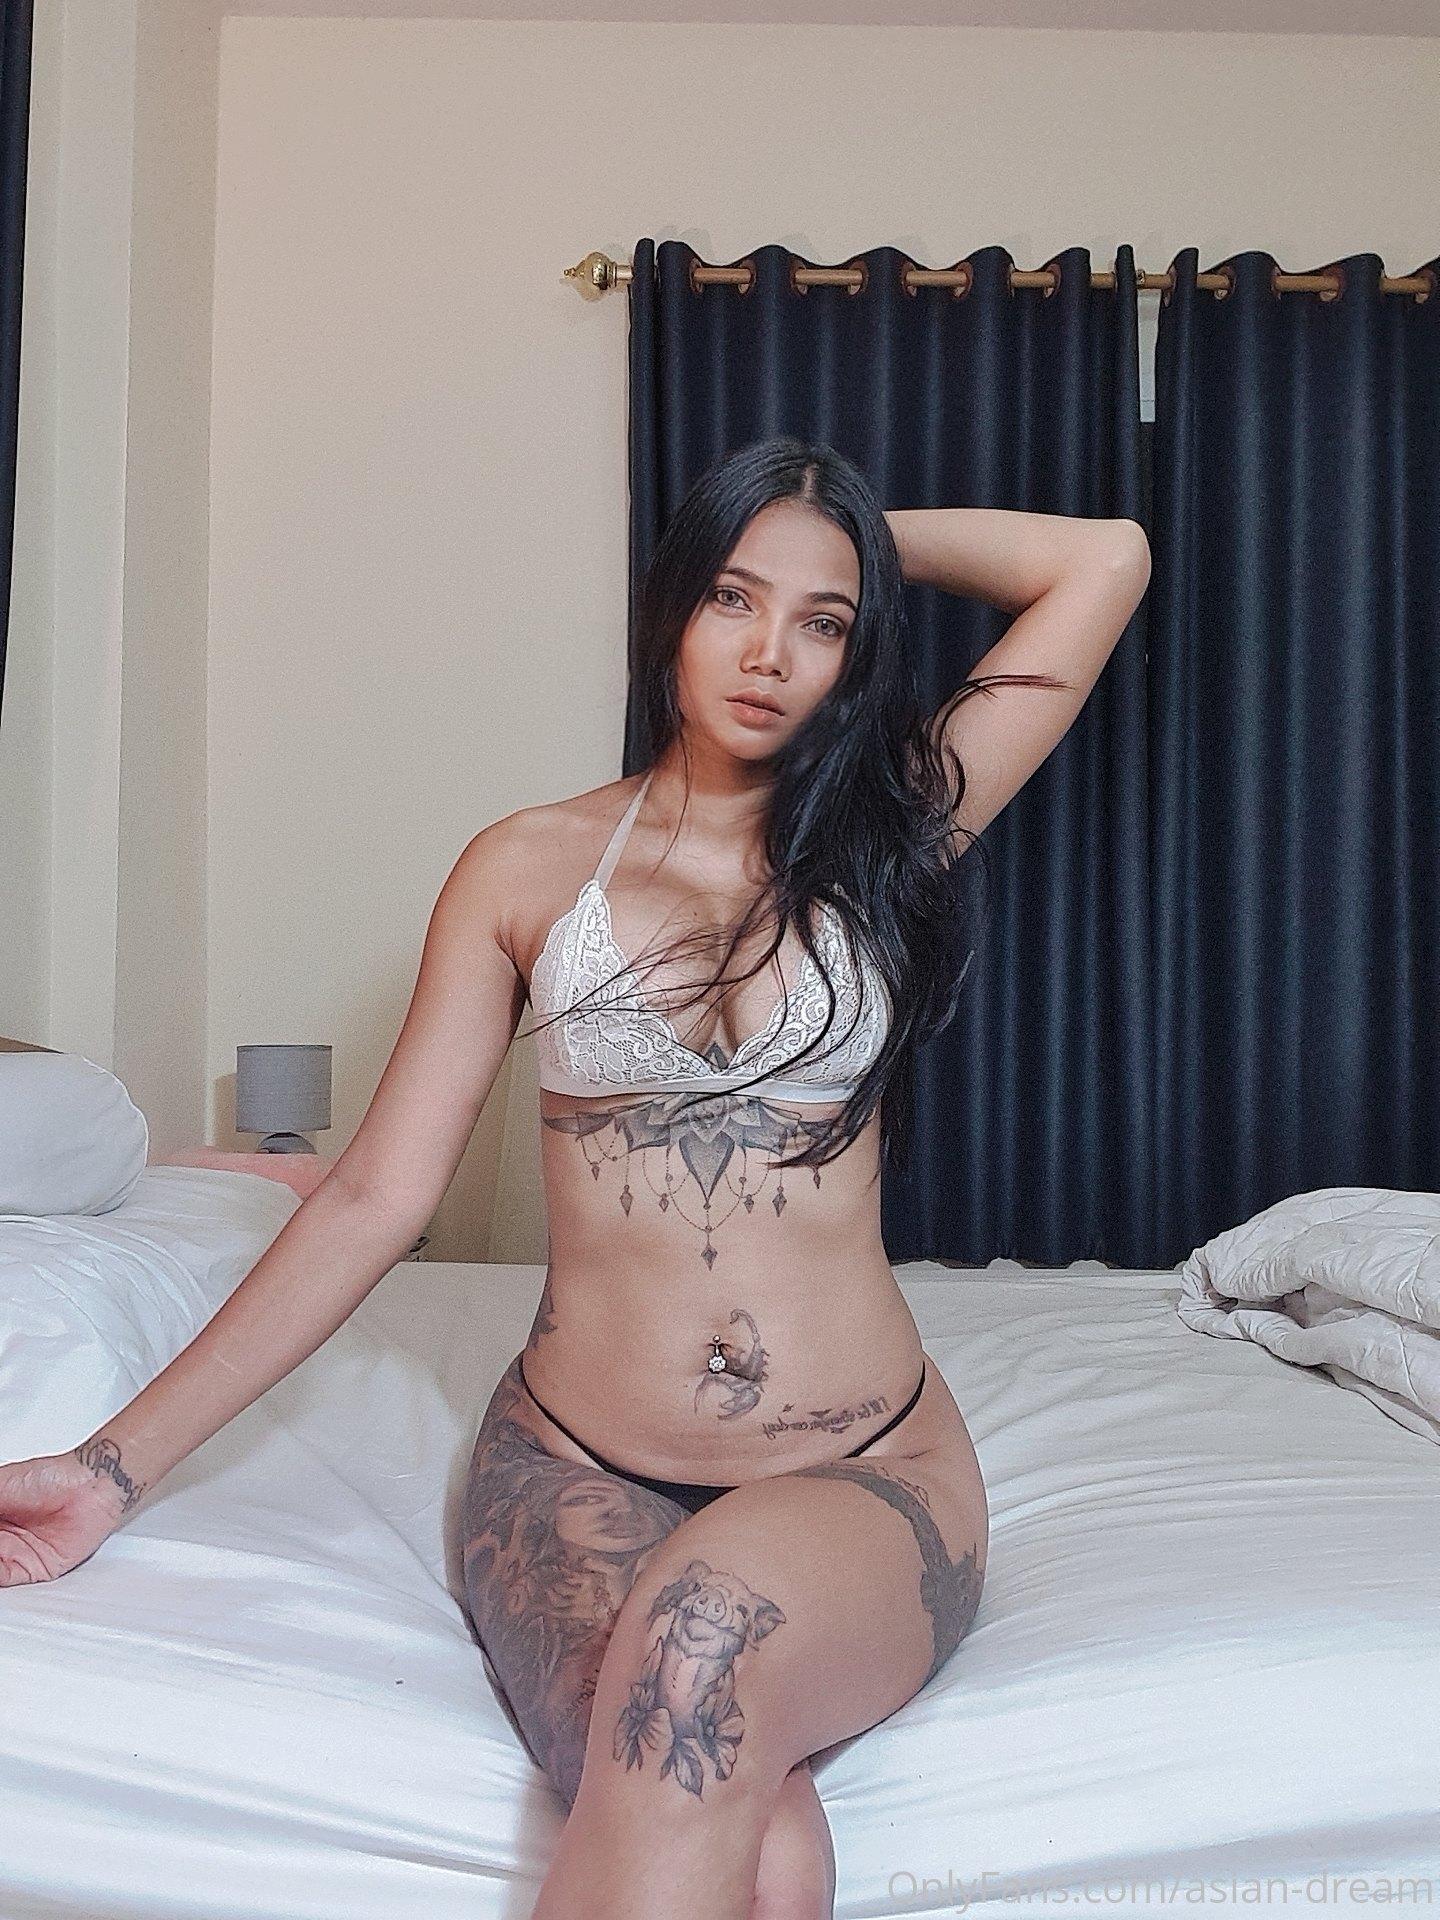 Asiandream Onlyfans 0021